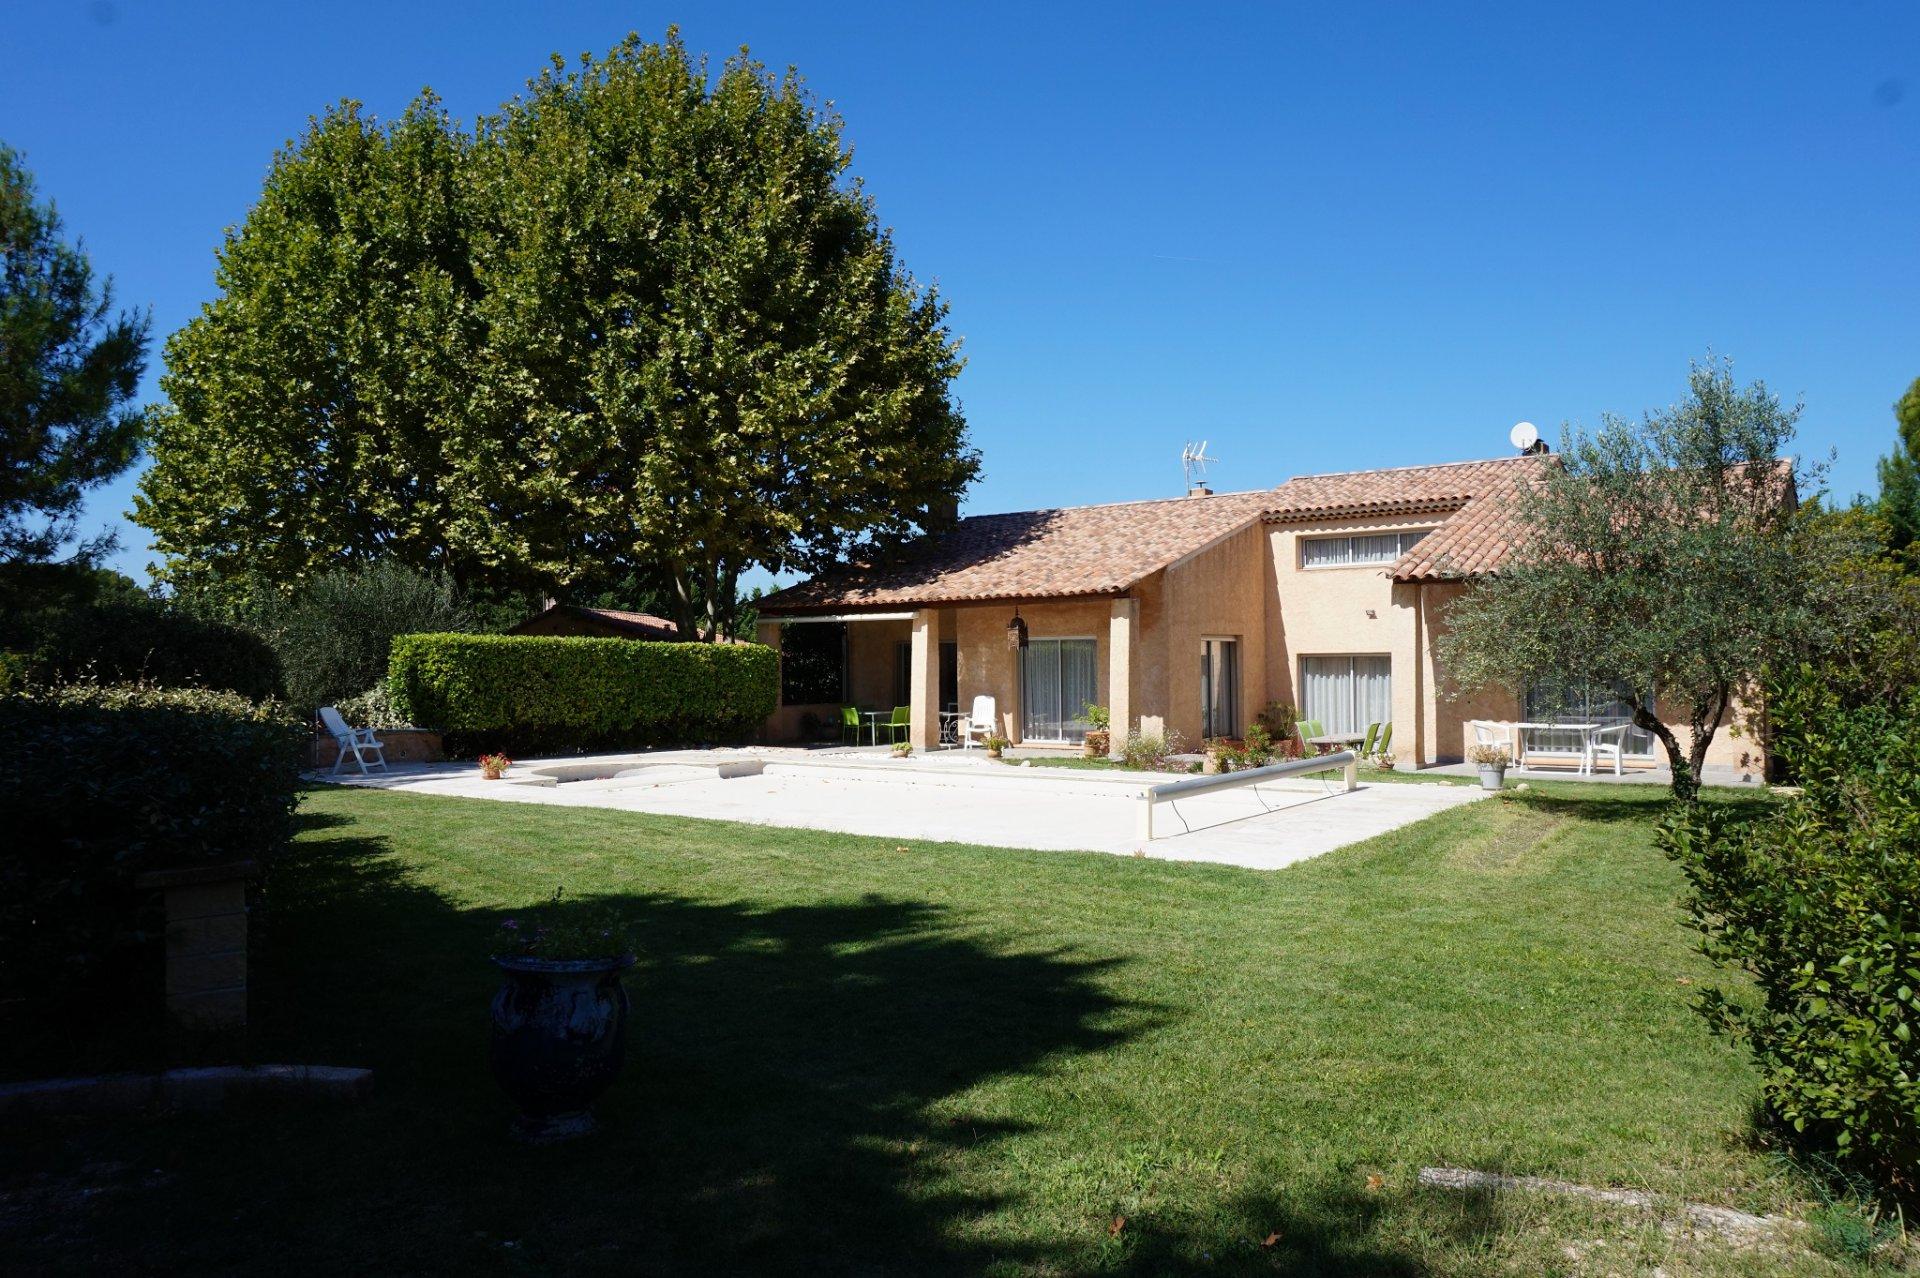 Jolie villa 250 m2 avec grand jardin clôturé, pisicne